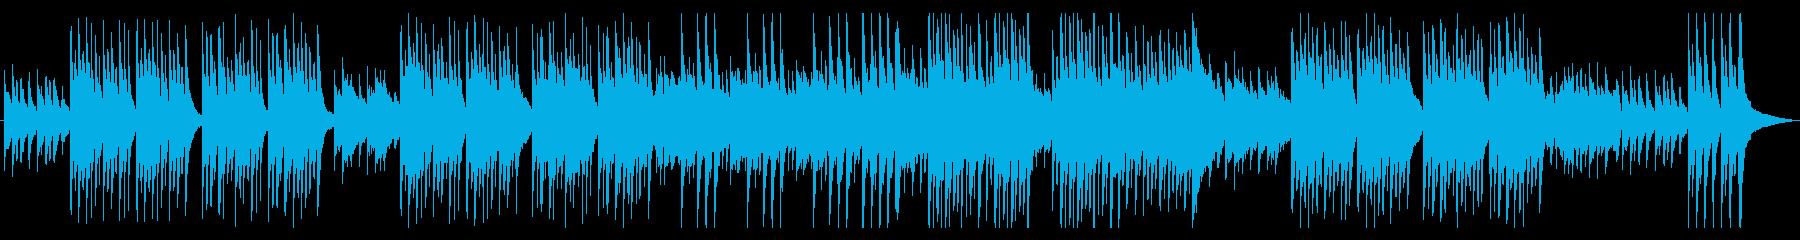 ノスタルジックなアコギとピアノの再生済みの波形